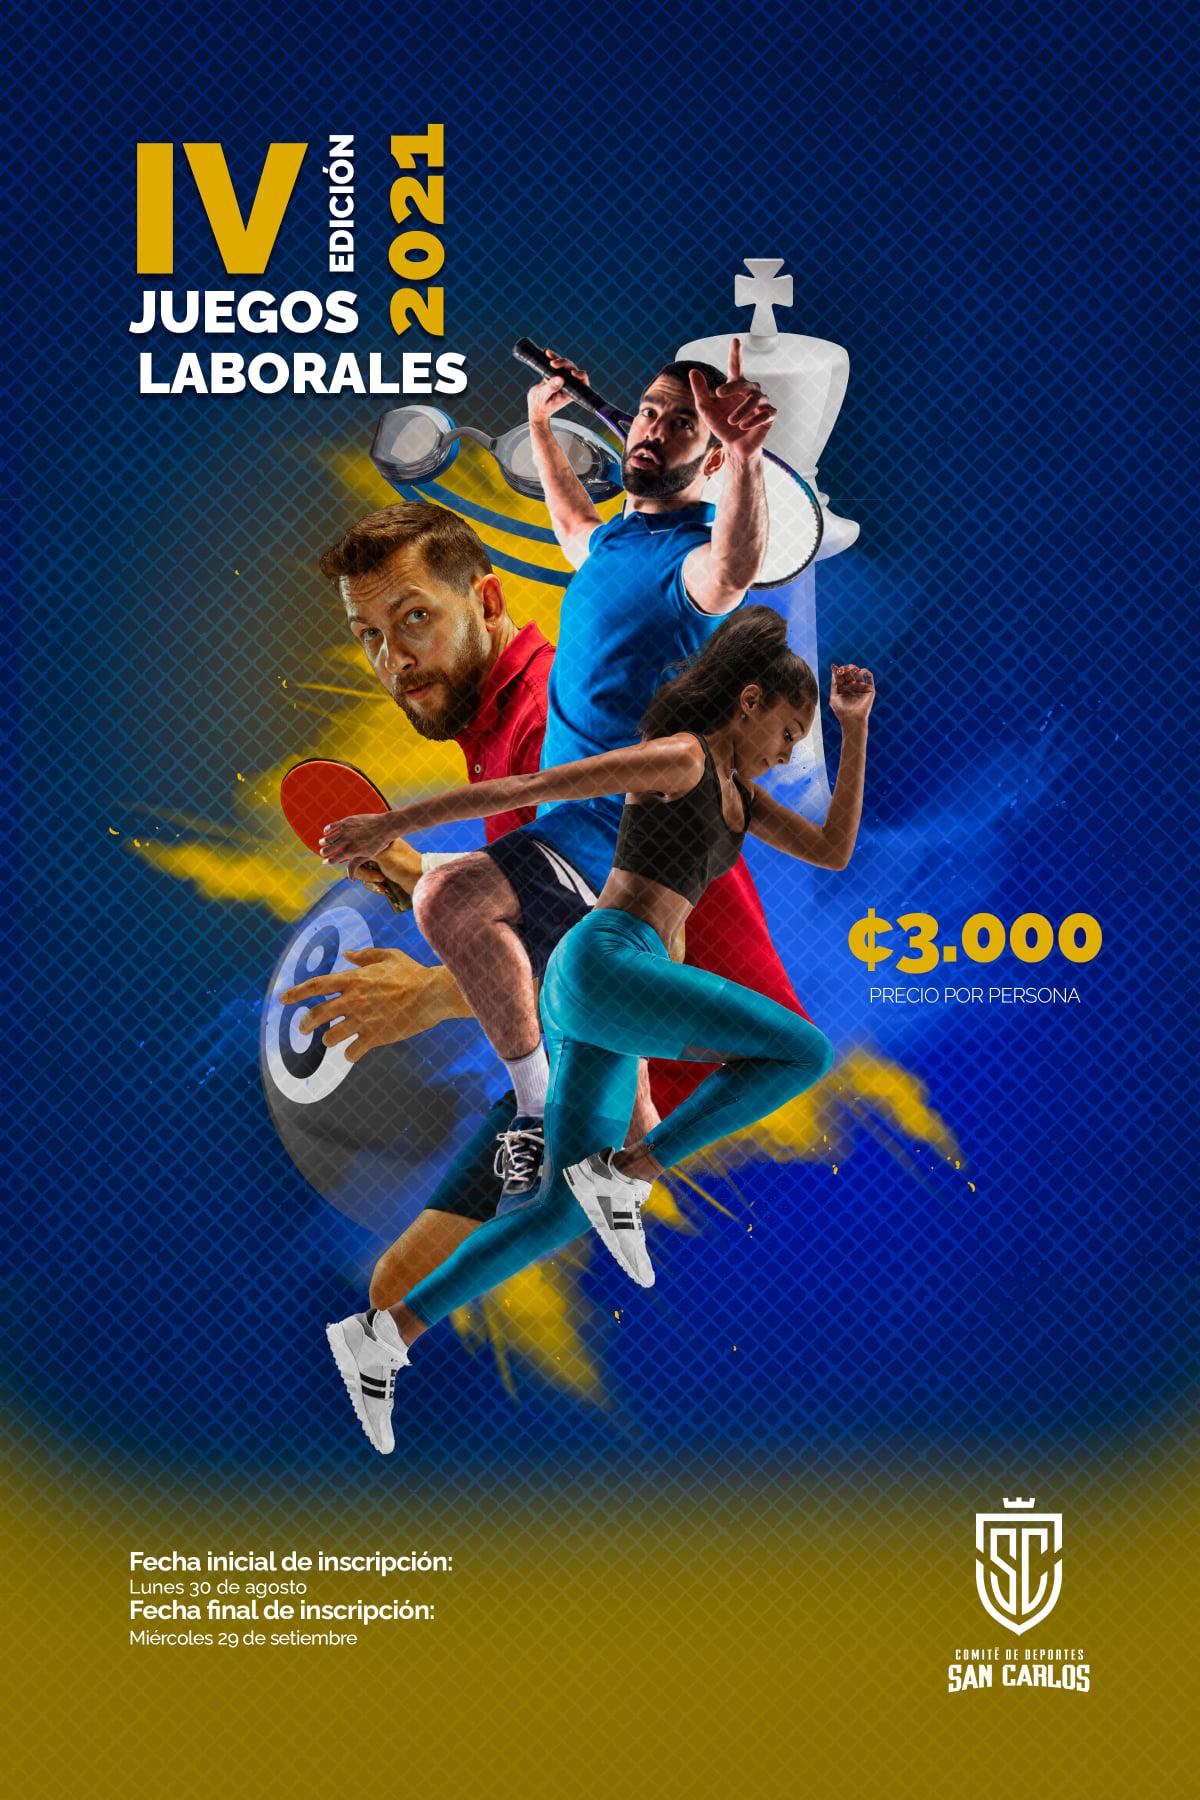 Juegos Laborales en San Carlos, viene con Copa Rotativa.